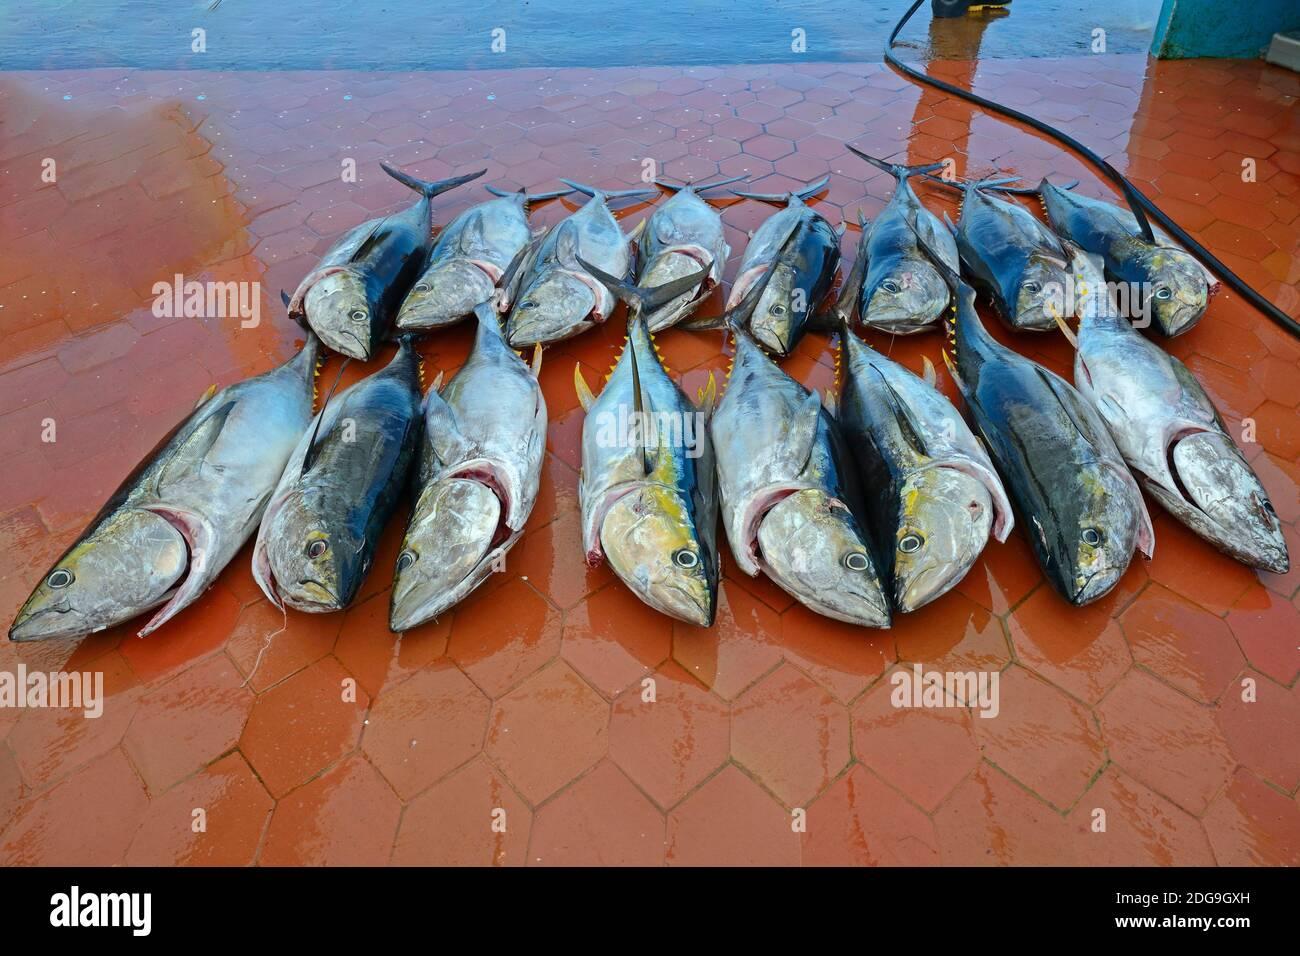 frisch gefangene Gelbflossenthunfische (Thunnus albacares) im Fischerhafen von  Puerto Ayora,  Insel Santa Cruz, Indefatigable Island, Galapagos Archi Stock Photo